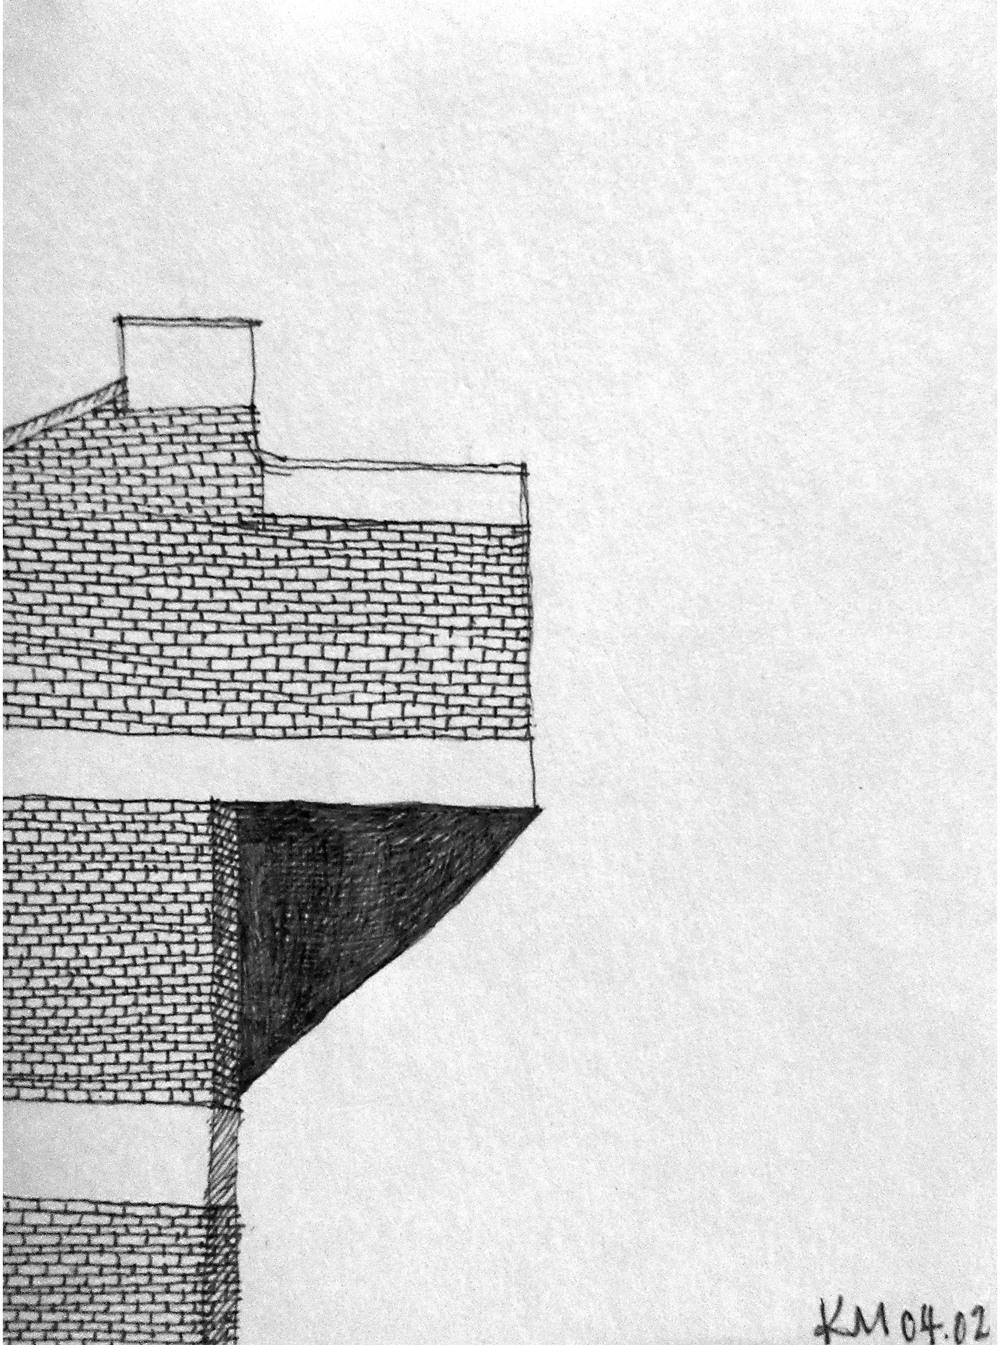 CEPT Univeristy | B.V. Doshi (1972)